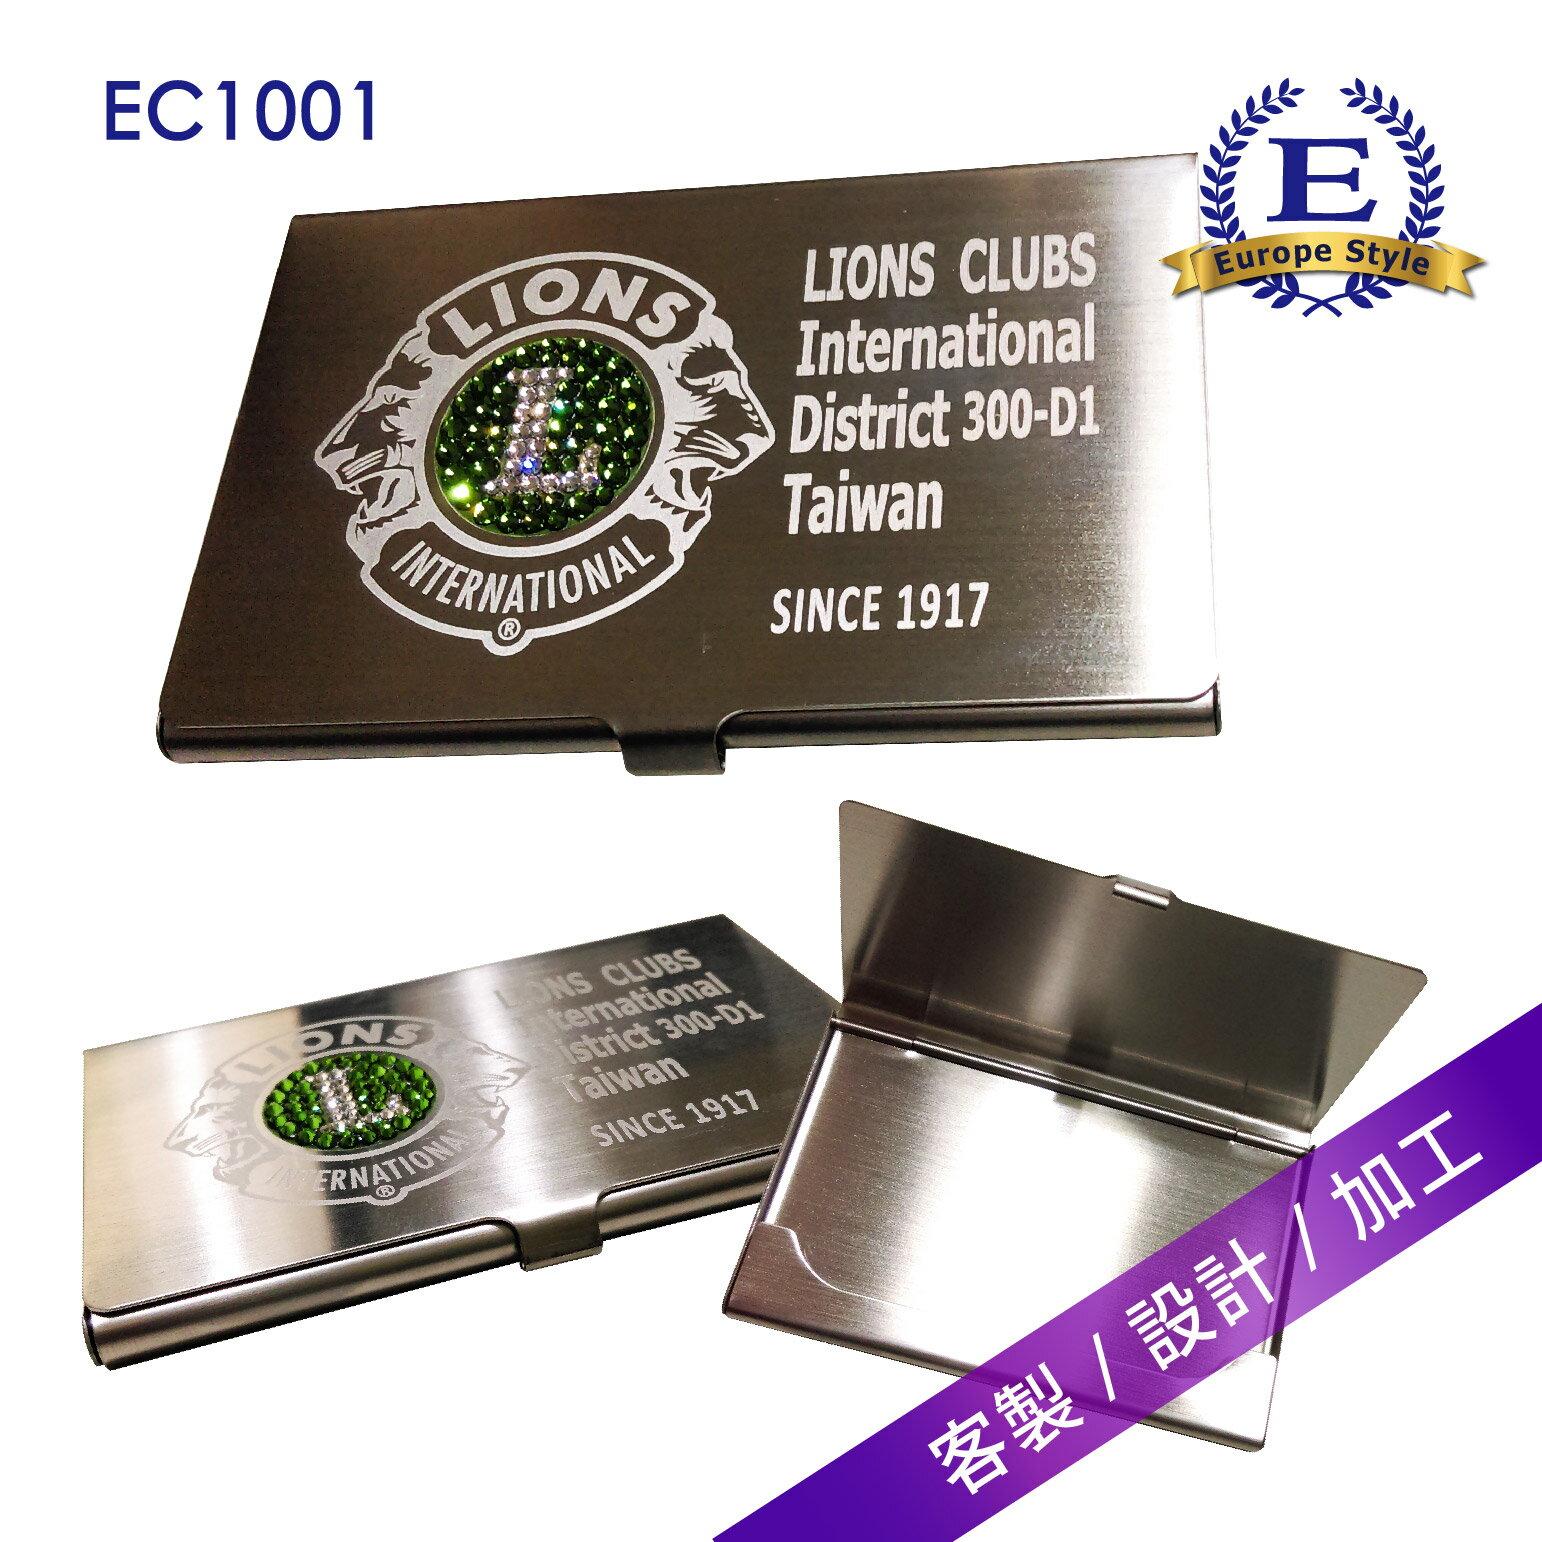 【歐風天地】施華洛世奇水晶名片盒 EC1001 獅子會Logo 水晶飾品 手機殼  iphone 蘋果 swarovski